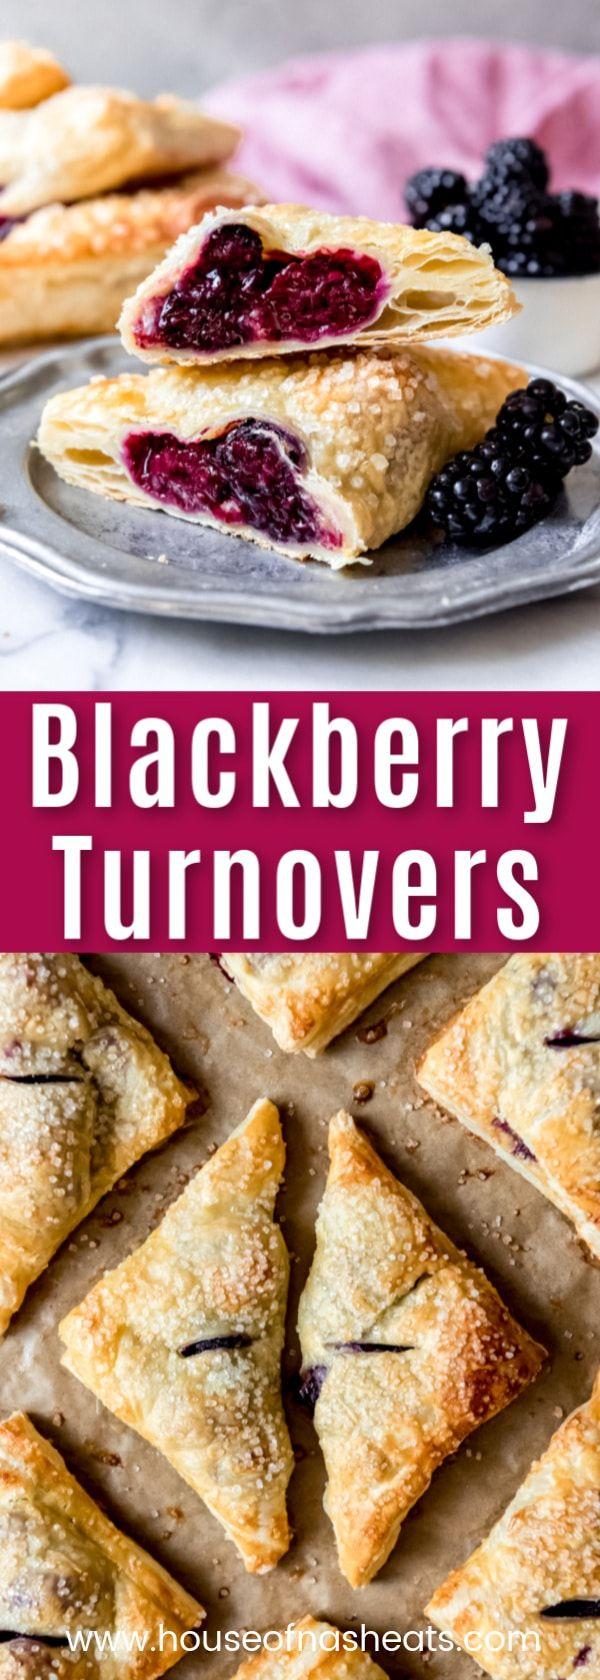 Easy Blackberry Turnovers